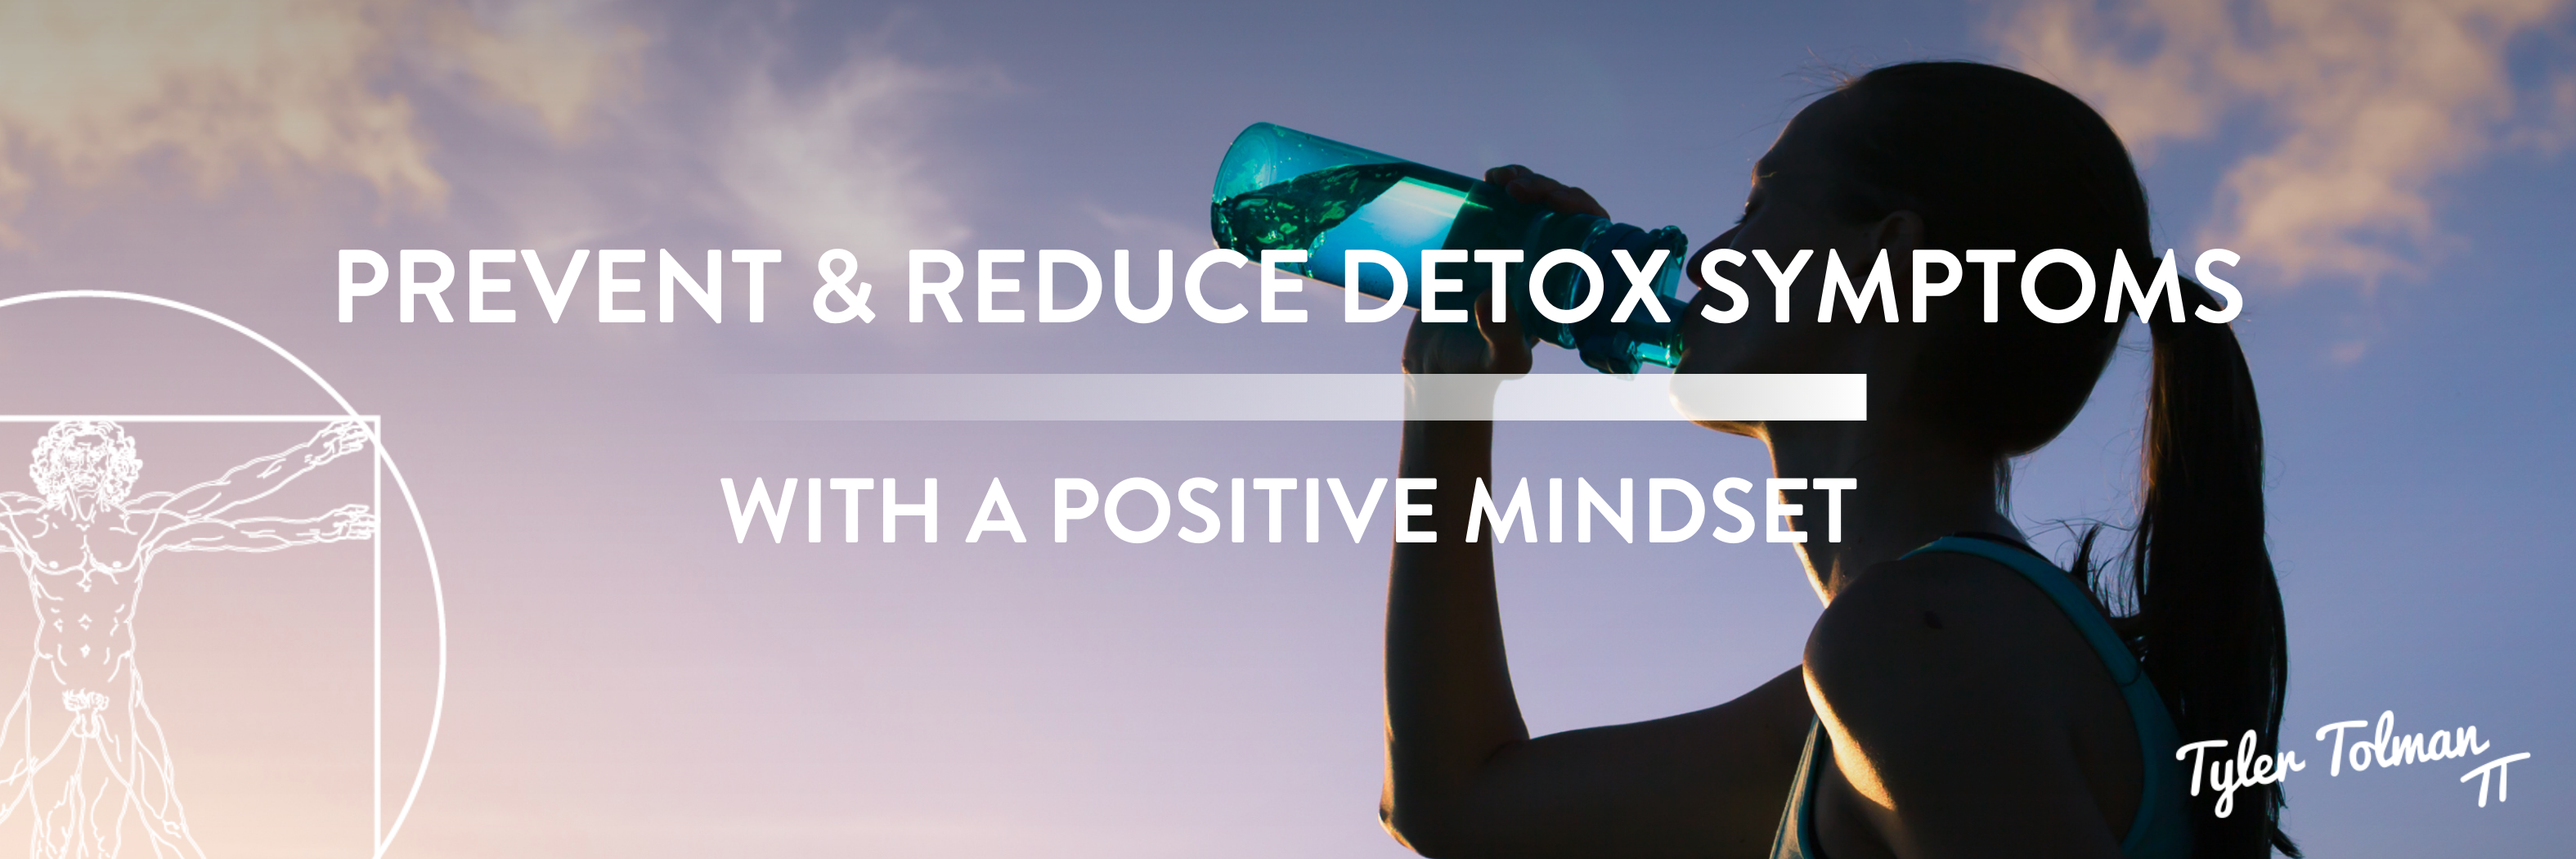 detox symptoms